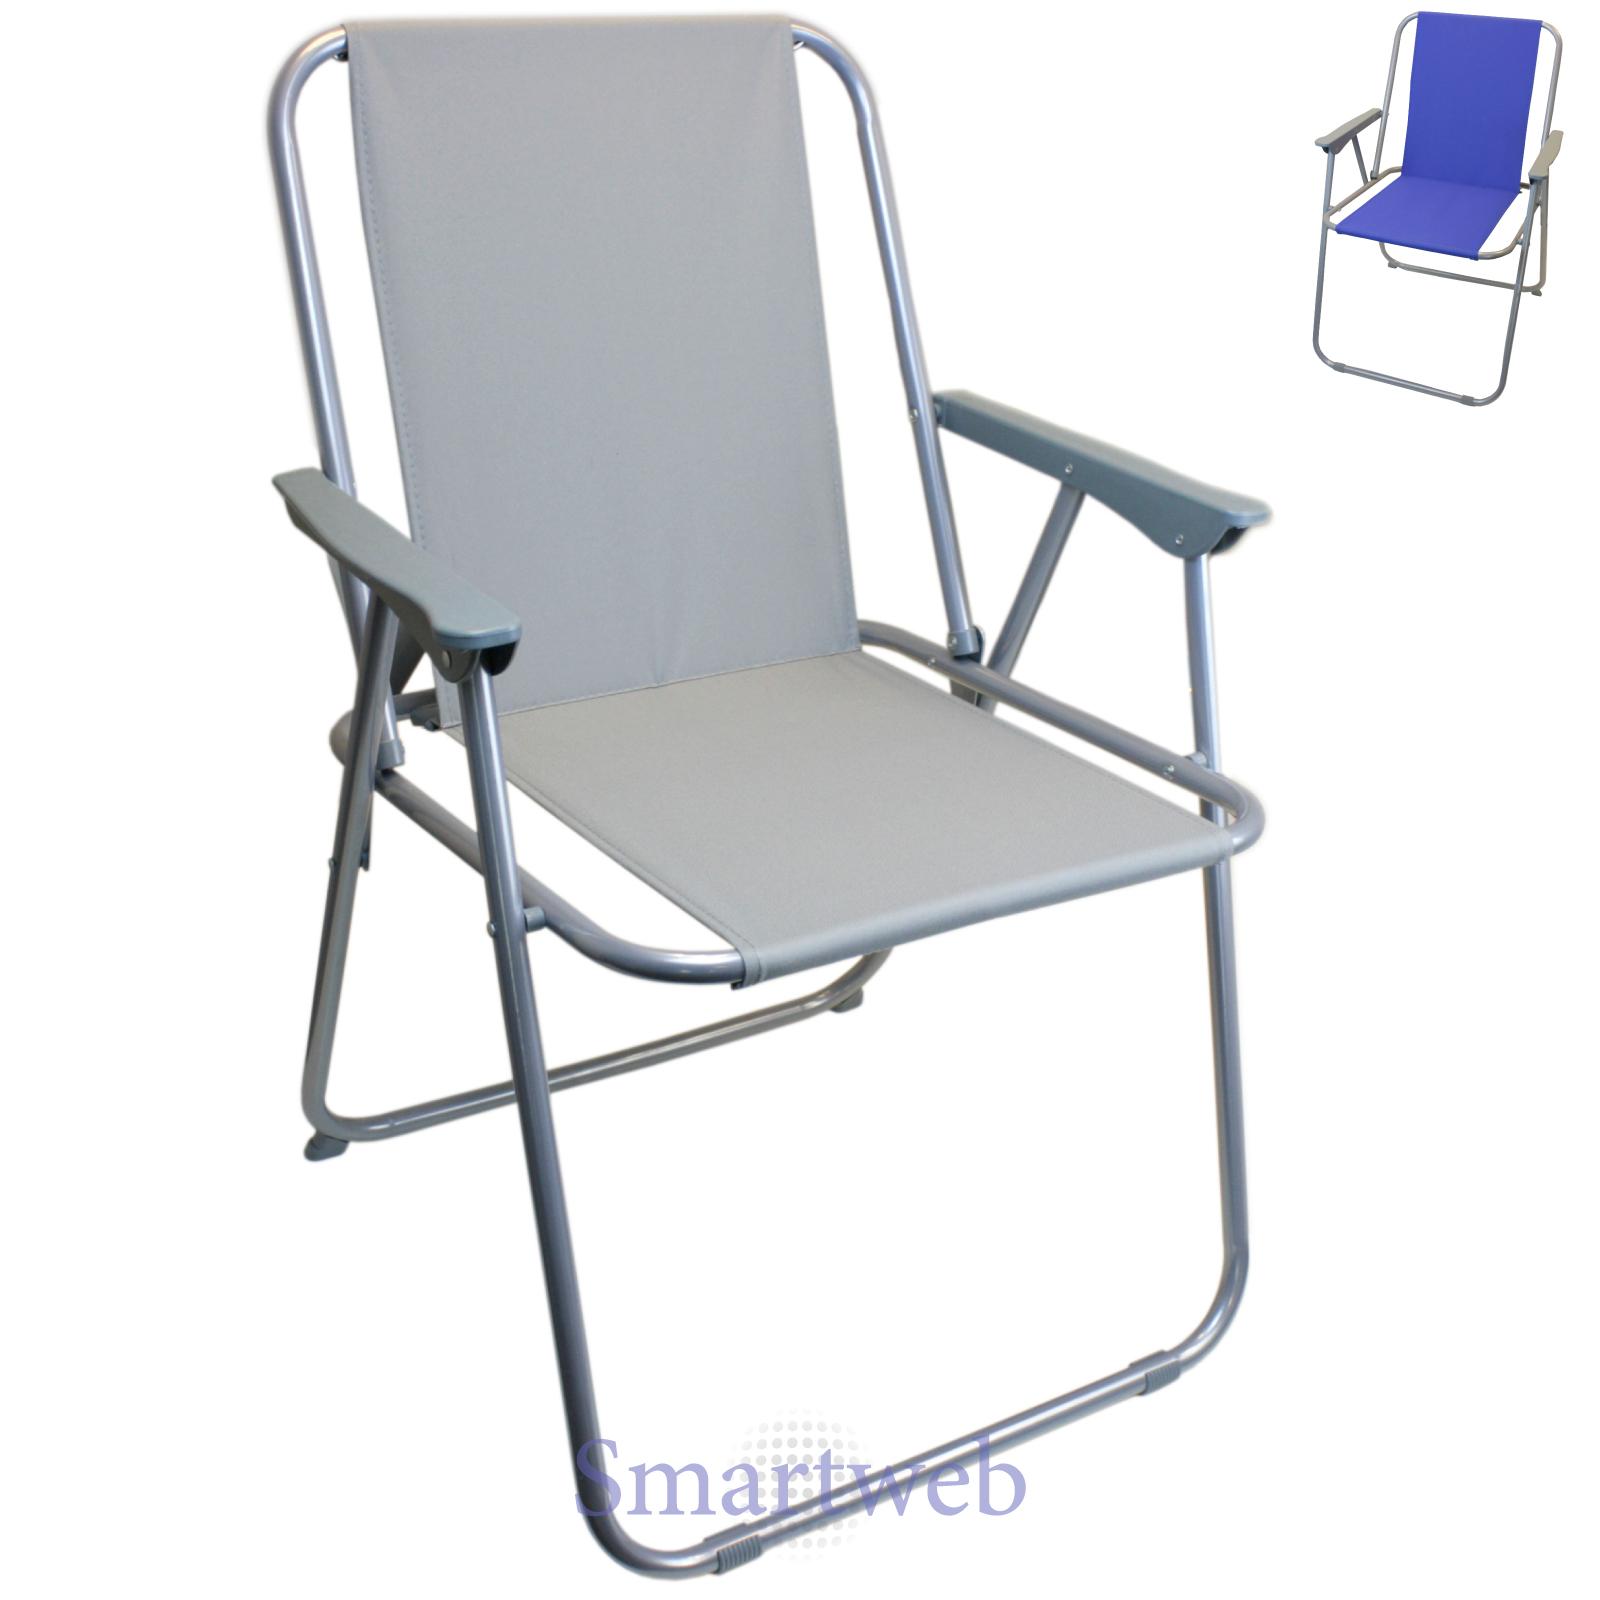 campingstuhl klappstuhl faltstuhl angelstuhl hocker. Black Bedroom Furniture Sets. Home Design Ideas